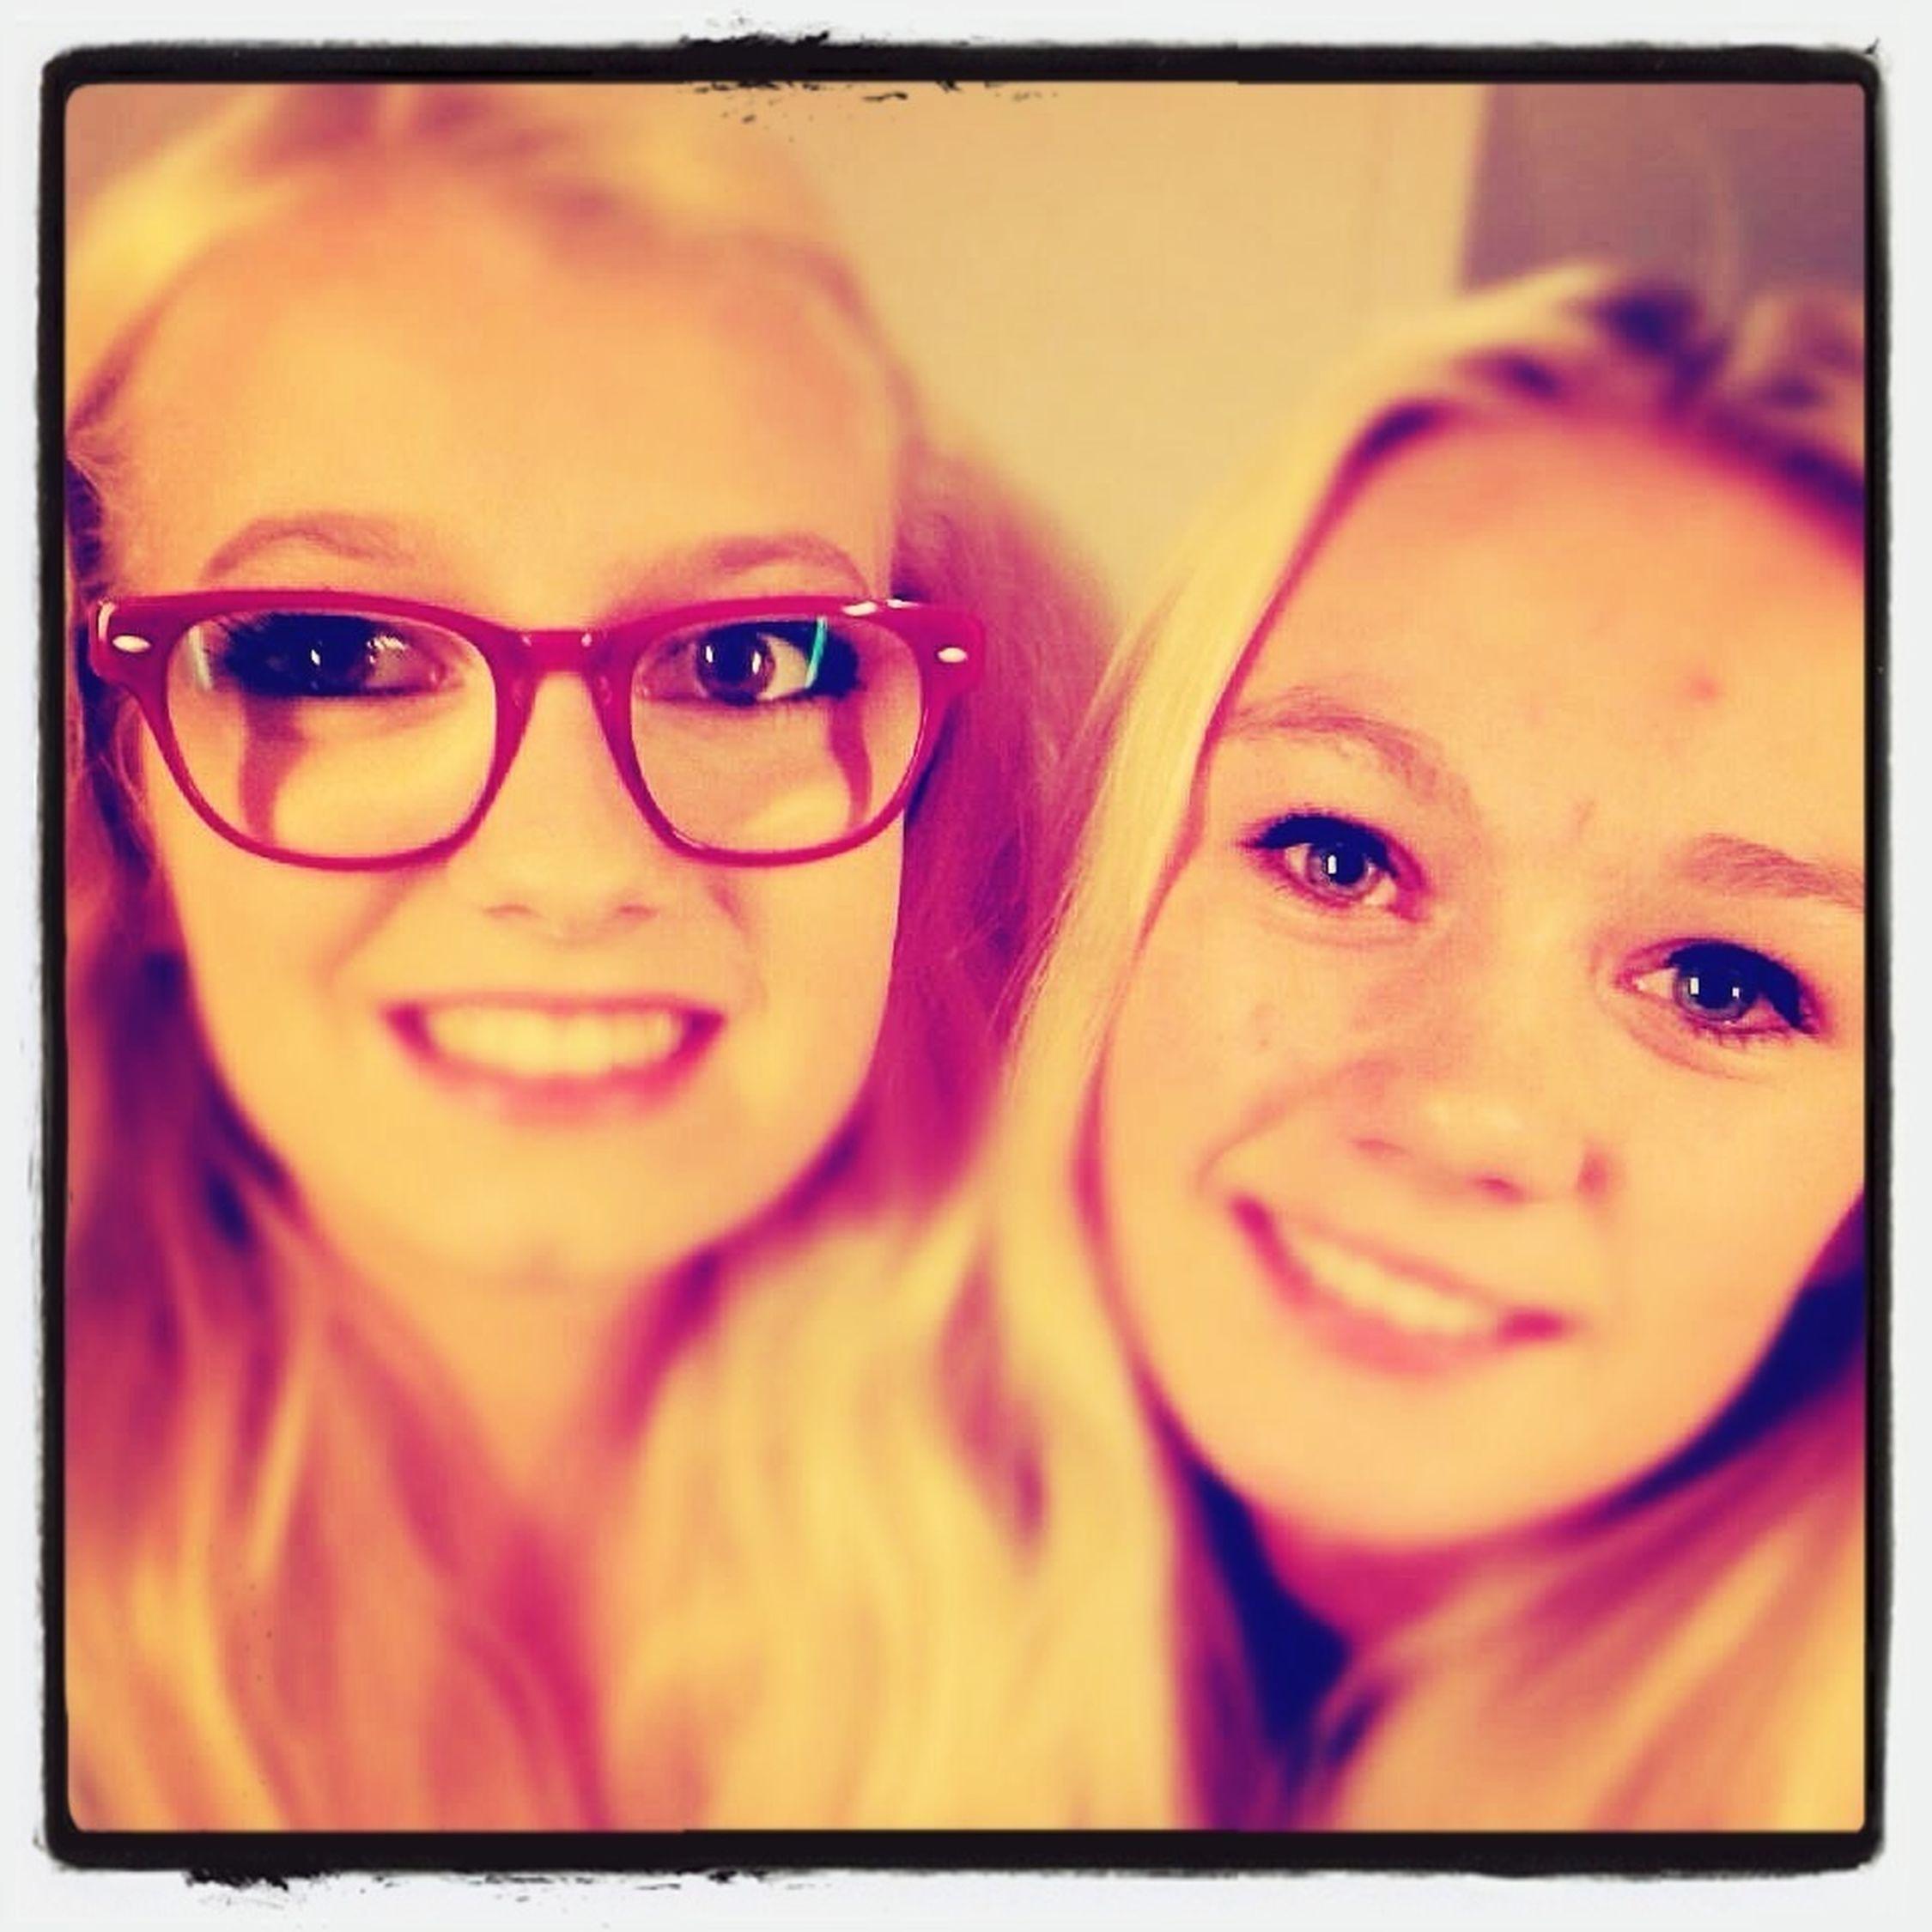 Min to dejlig piger Rikke og Pernille <3 tusen gange tusen kys til jer